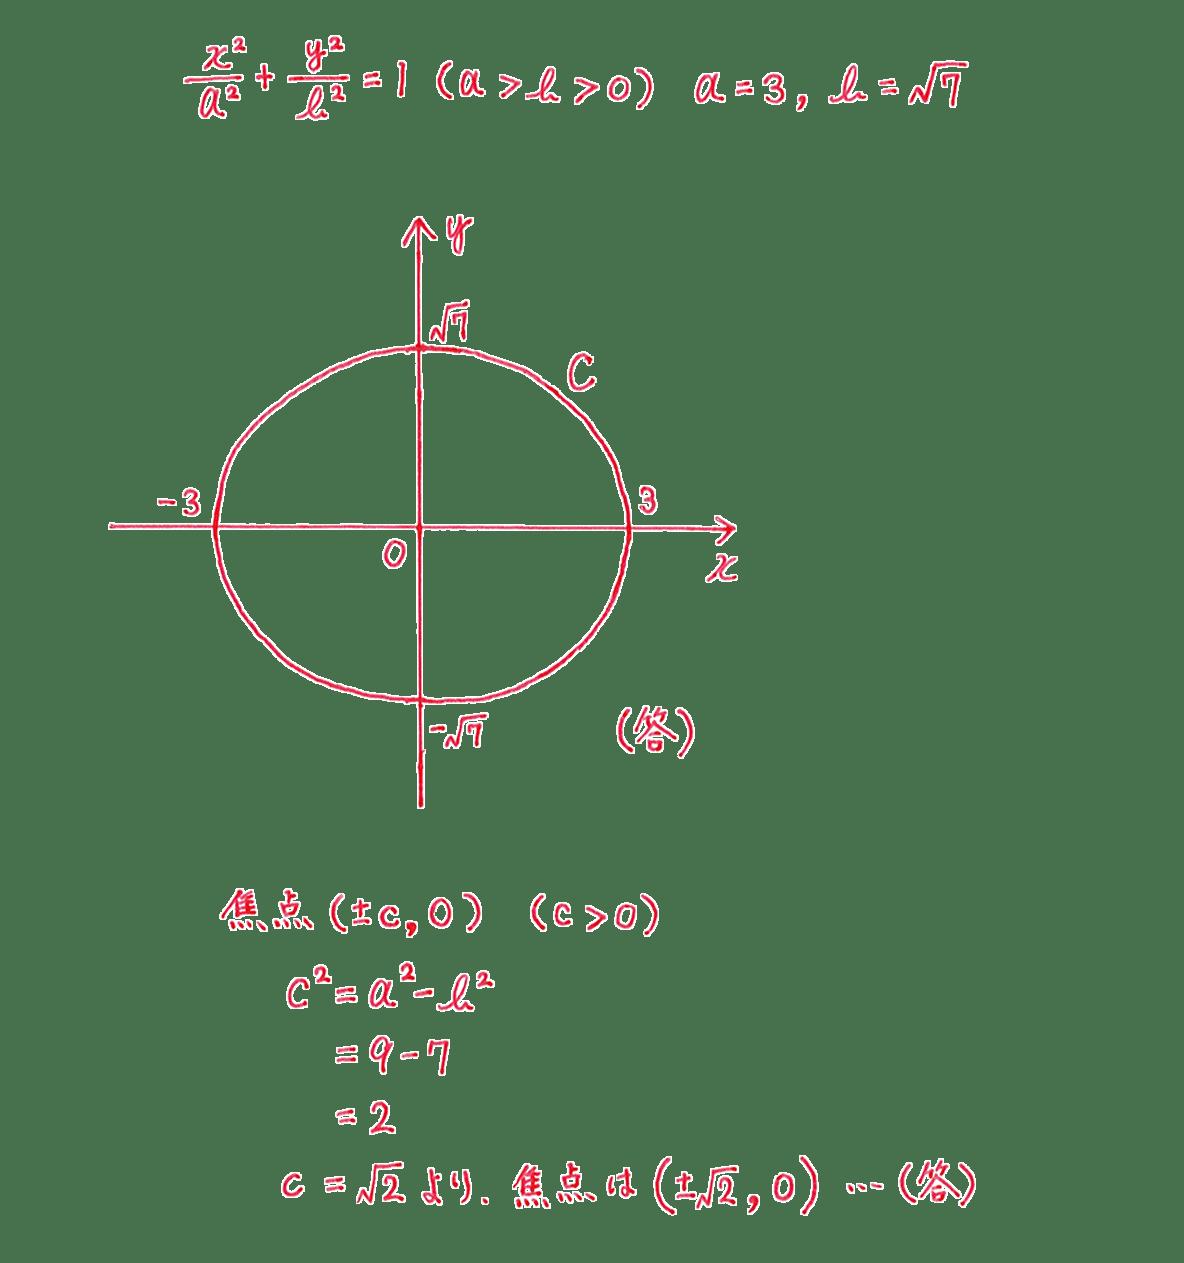 式と曲線6 問題2 解答 図も含むすべて